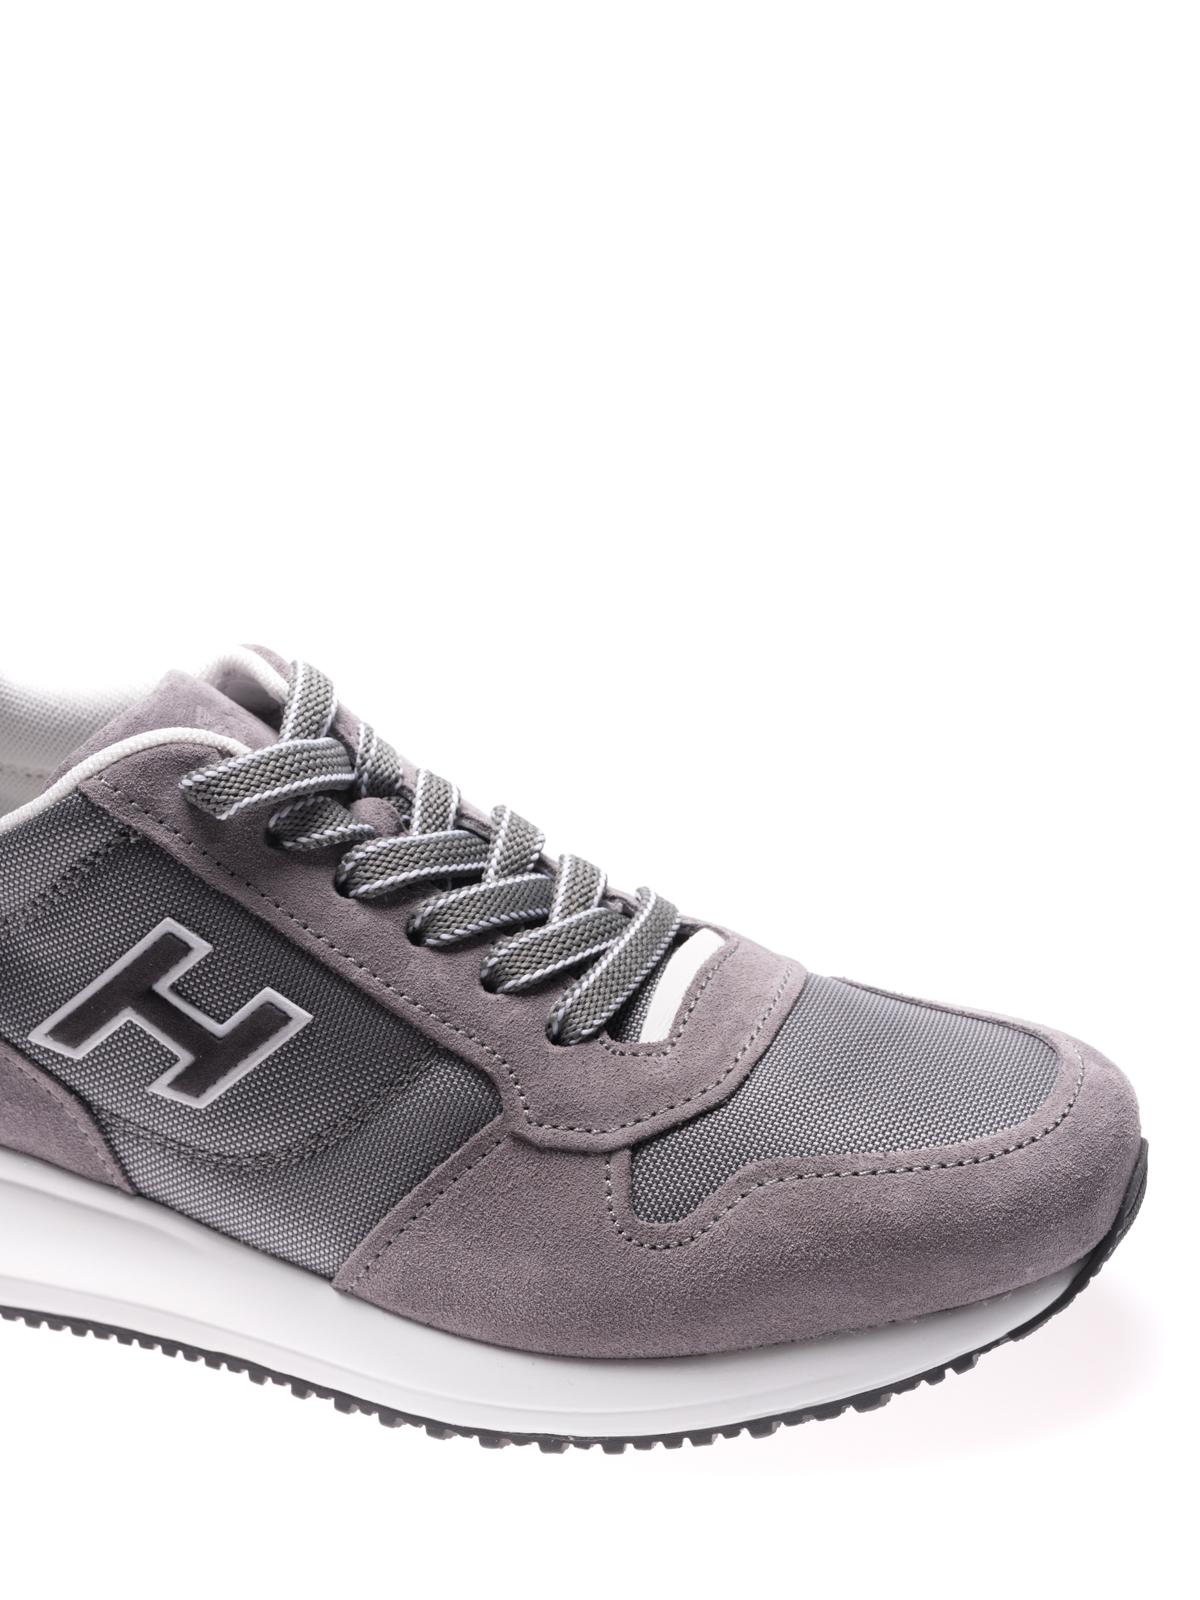 Sneakers Hogan - Interactive N20 in suede grigio - HXM2460Y790I9L413M